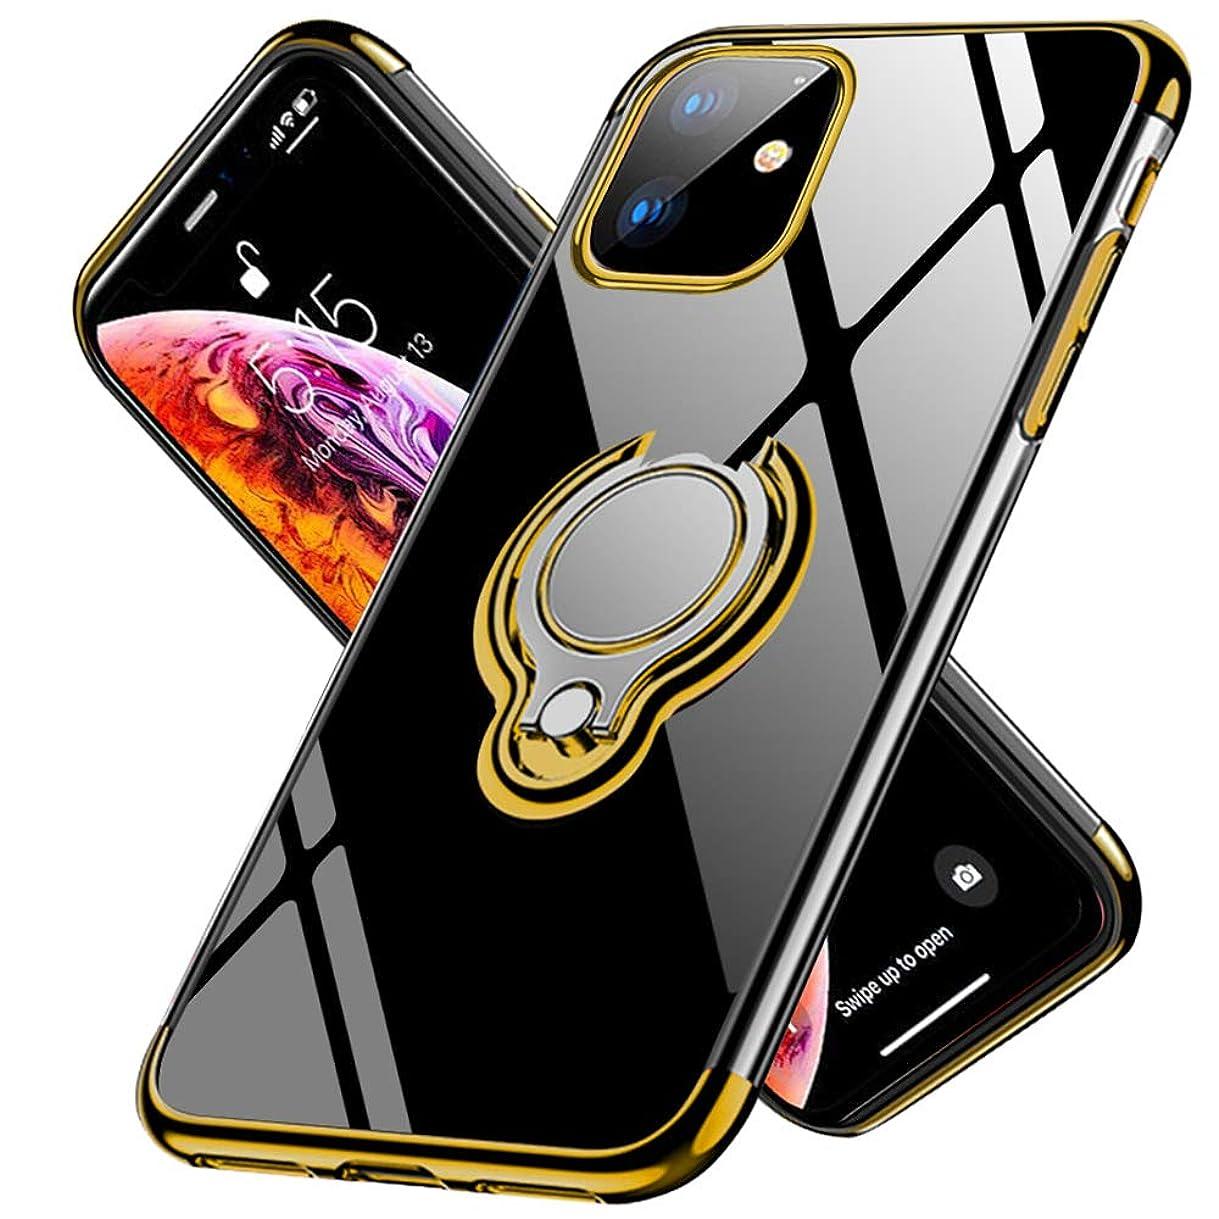 腐った赤天のiPhone 11 ケース リング 透明 耐衝撃 磁気カーマウントホルダー スタンド メッキ柔らかい殻 黄変防止 TPUシリコン 軽量 薄型 全面保護 超耐久一体型 人気 携帯カバー 防塵 車載ホルダー対応 黄変防止アイフォン11カバー 6.1インチ(ゴールド)